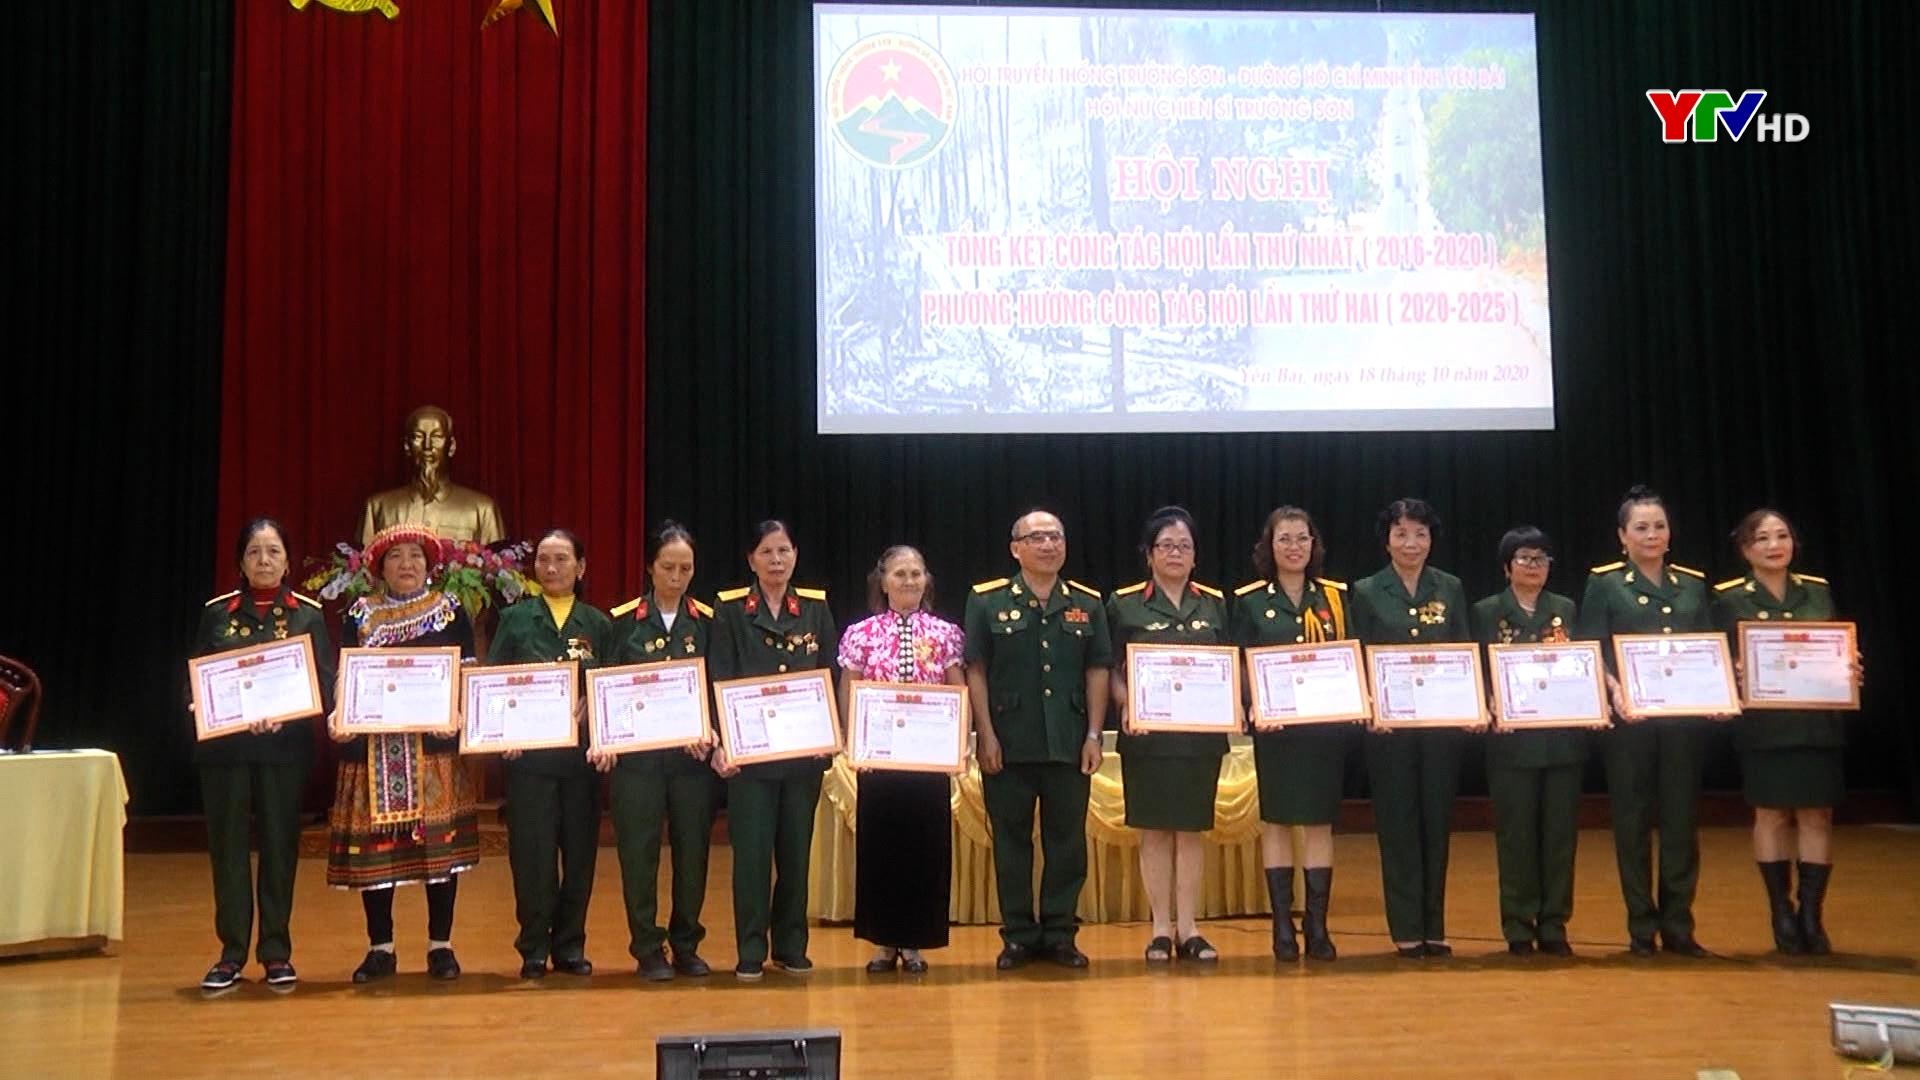 Hội Nữ chiến sỹ Trường Sơn triển khai công tác hội lần thứ 2 (2020 – 2025).